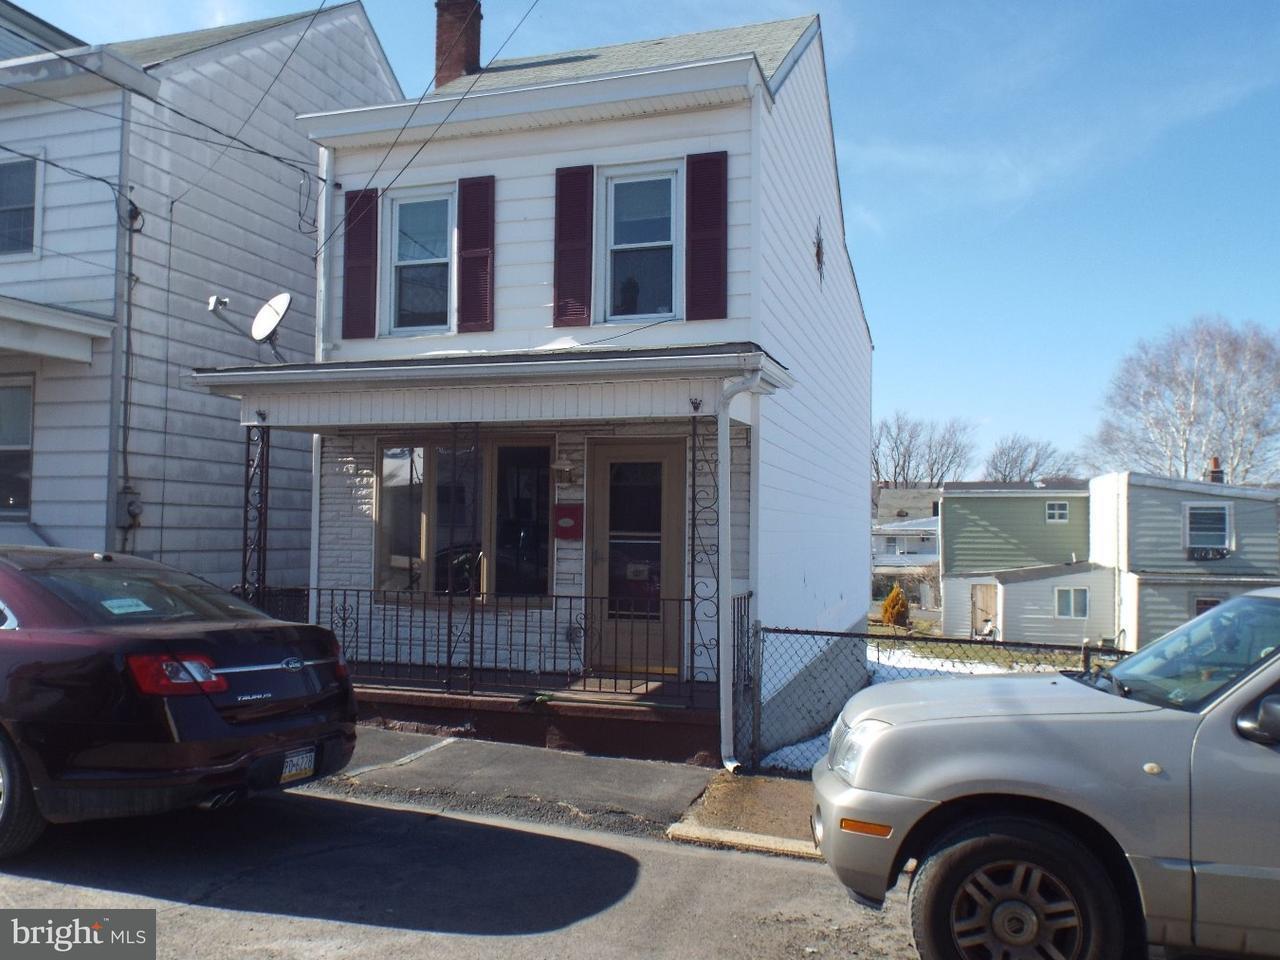 Частный односемейный дом для того Продажа на 412 POTTSVILLE Street Minersville, Пенсильвания 17954 Соединенные Штаты